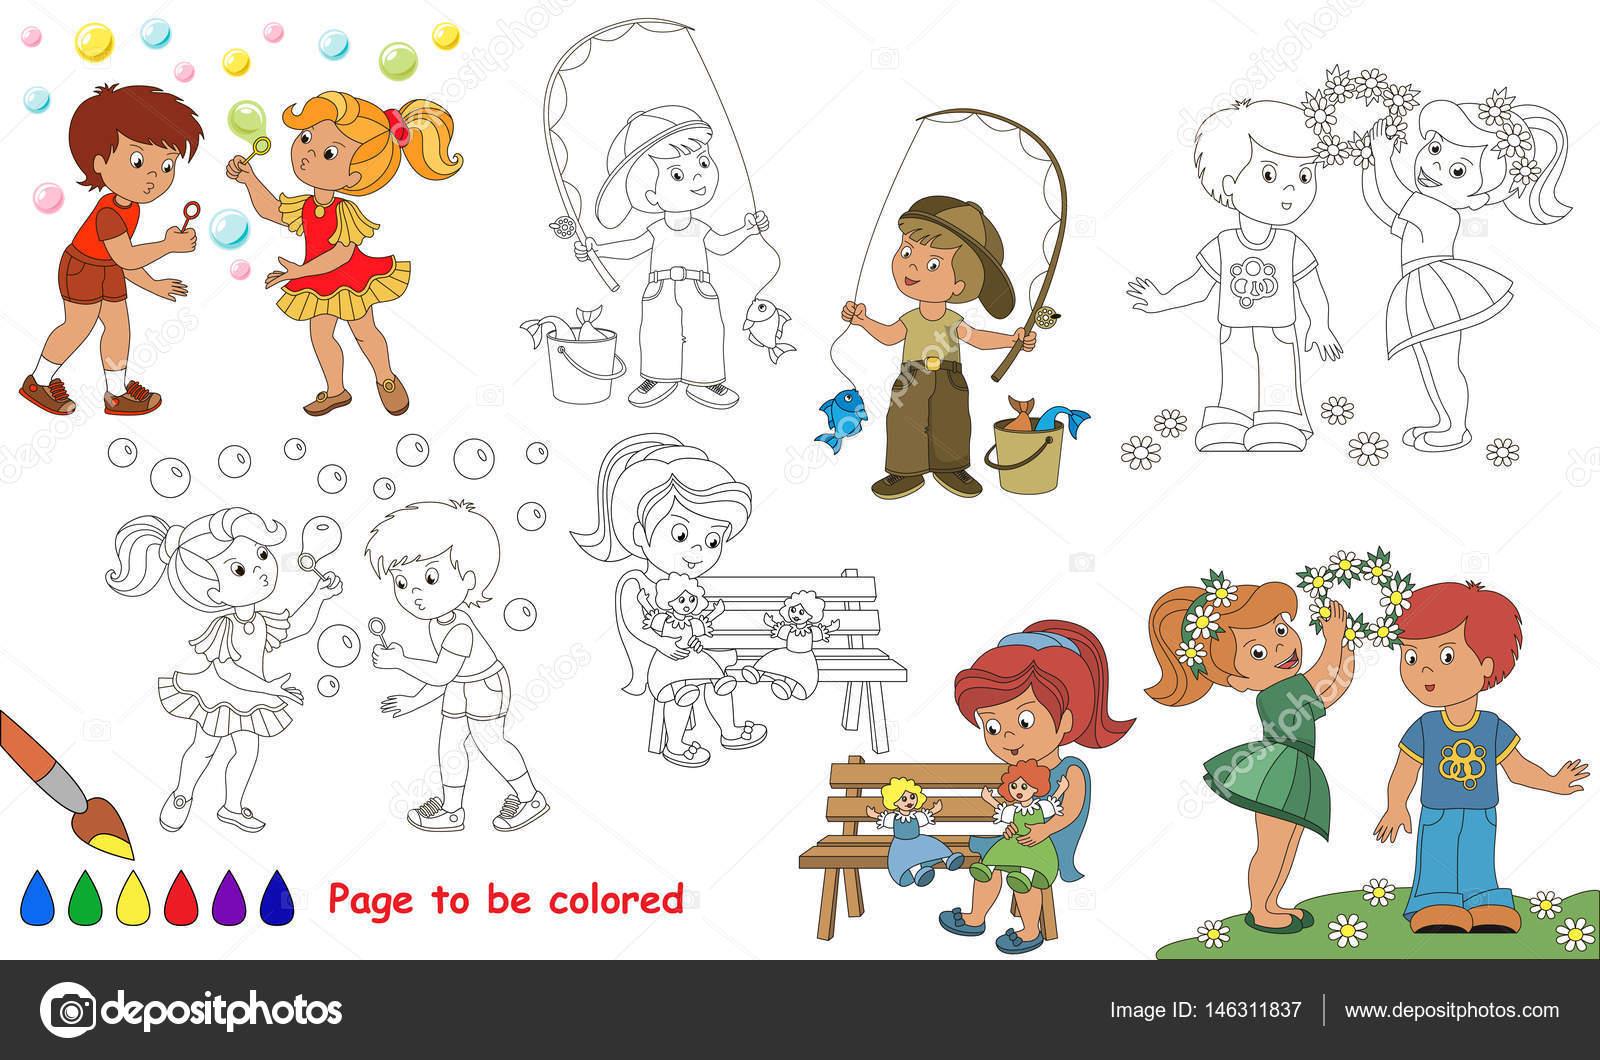 Libro verano de colores descargar | Dibujos de animados juego chico ...